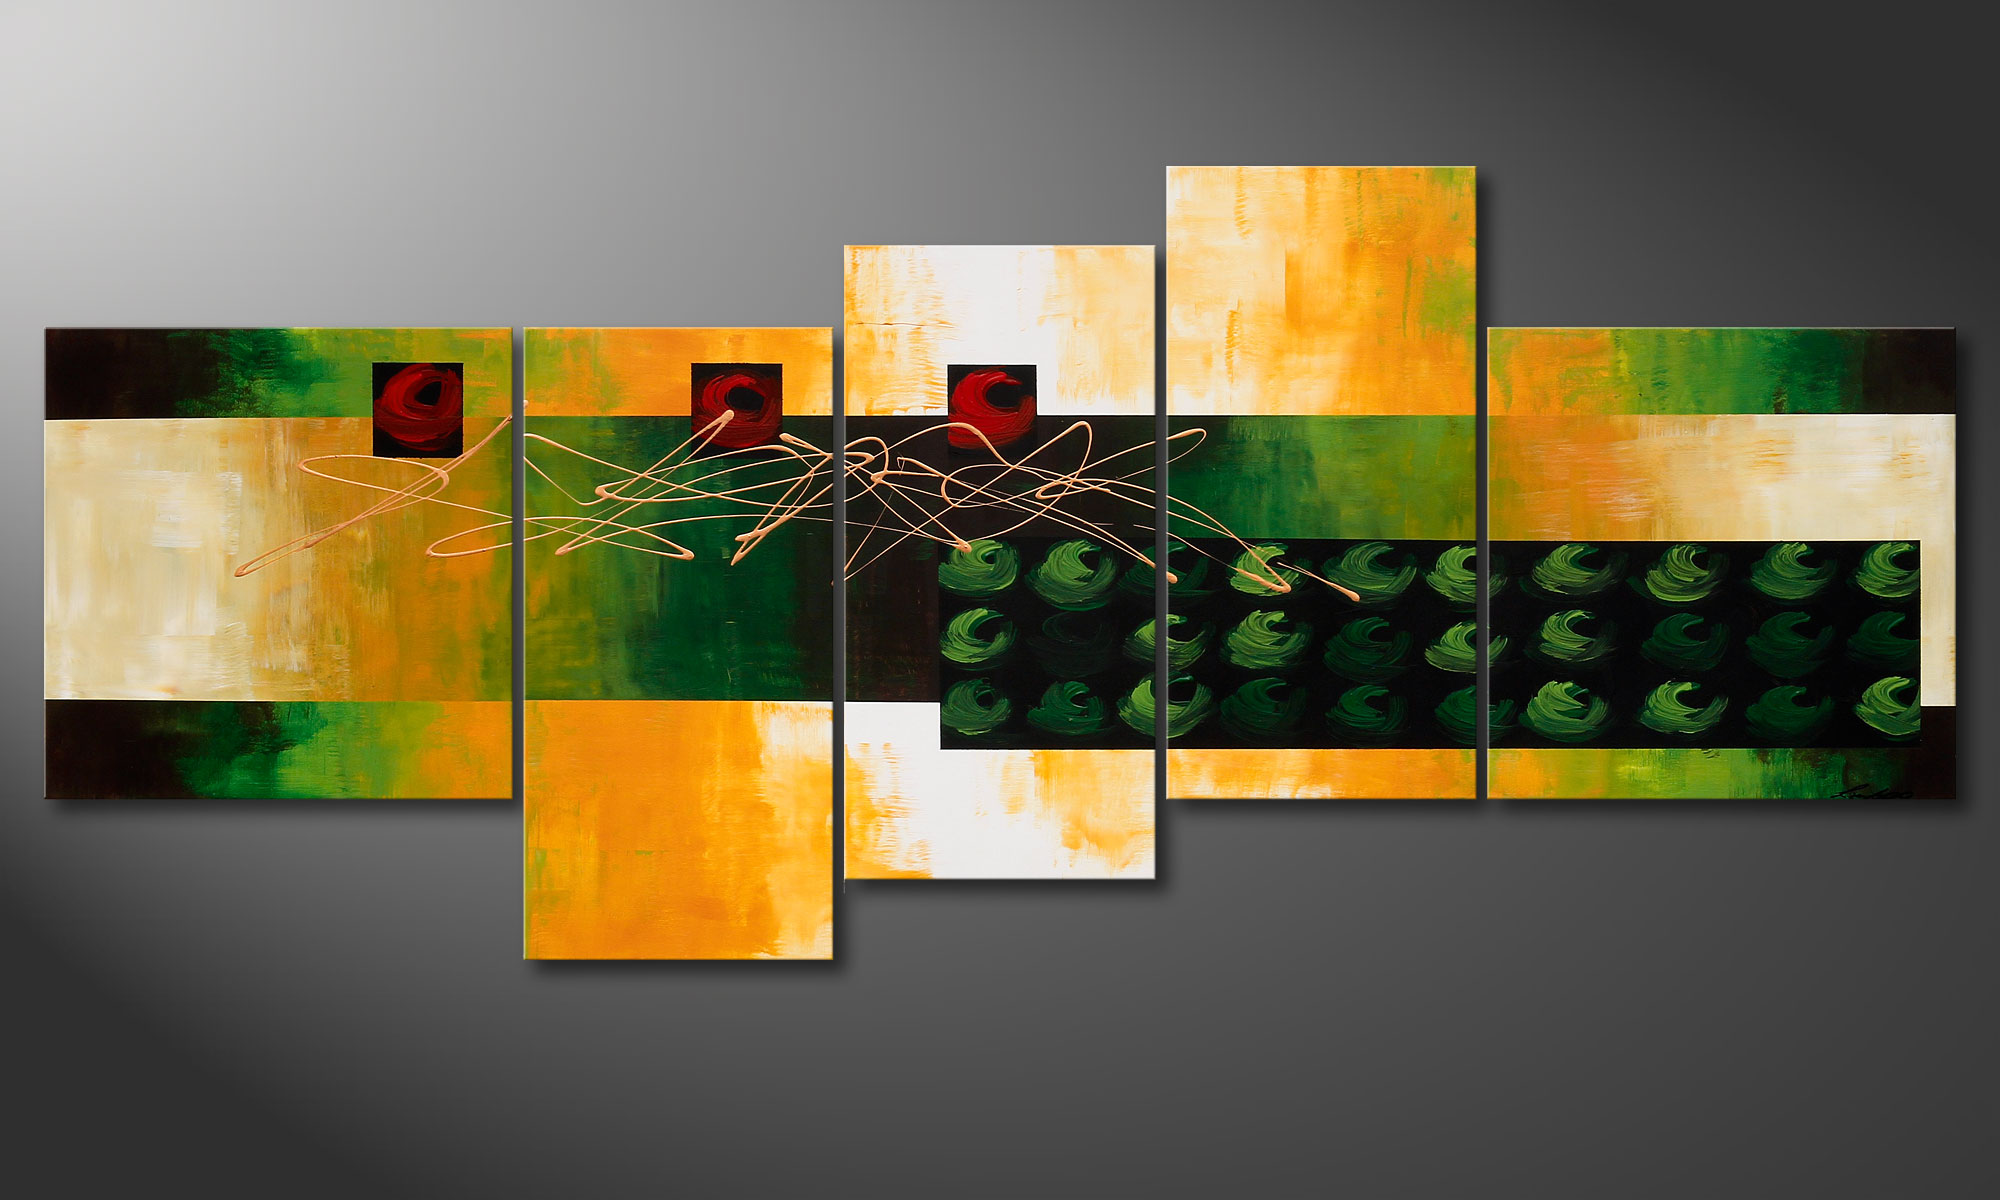 La peinture grand format quiet love 240x100cm tableaux xxl - Tableau grand format design ...